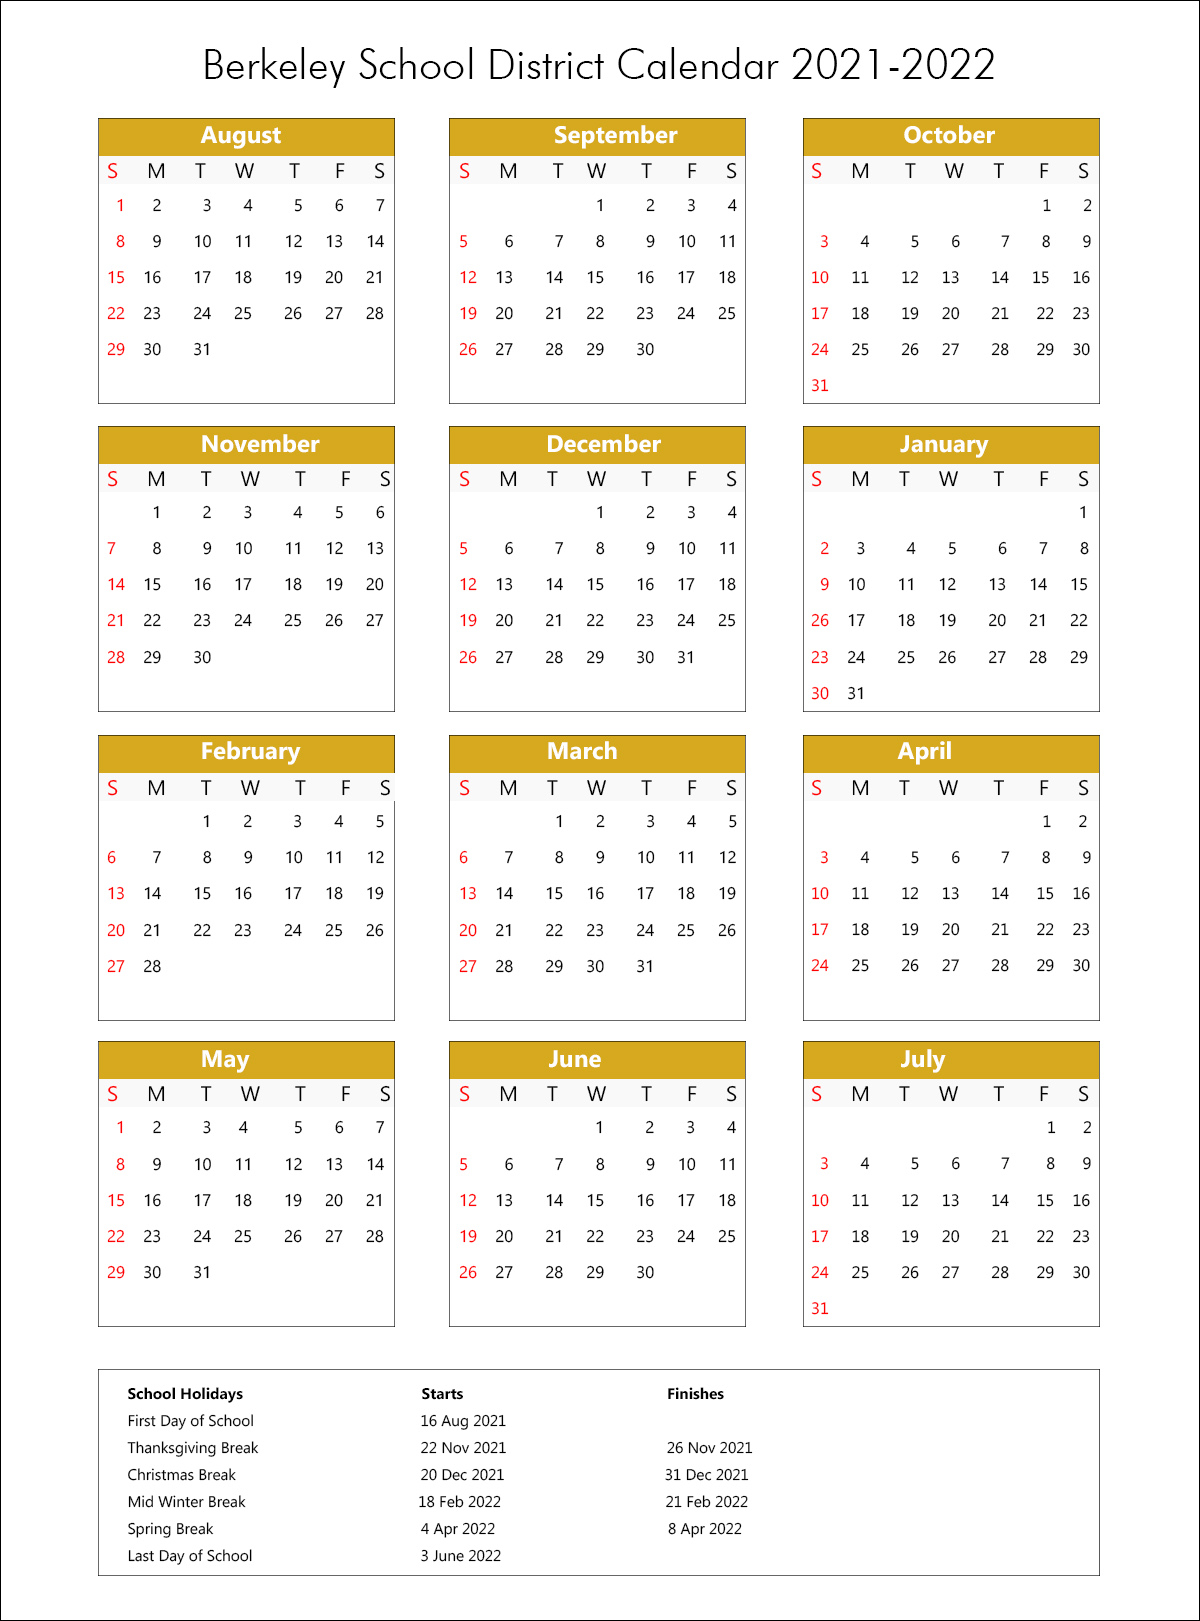 Berkeley Unified School District Calendar 2021